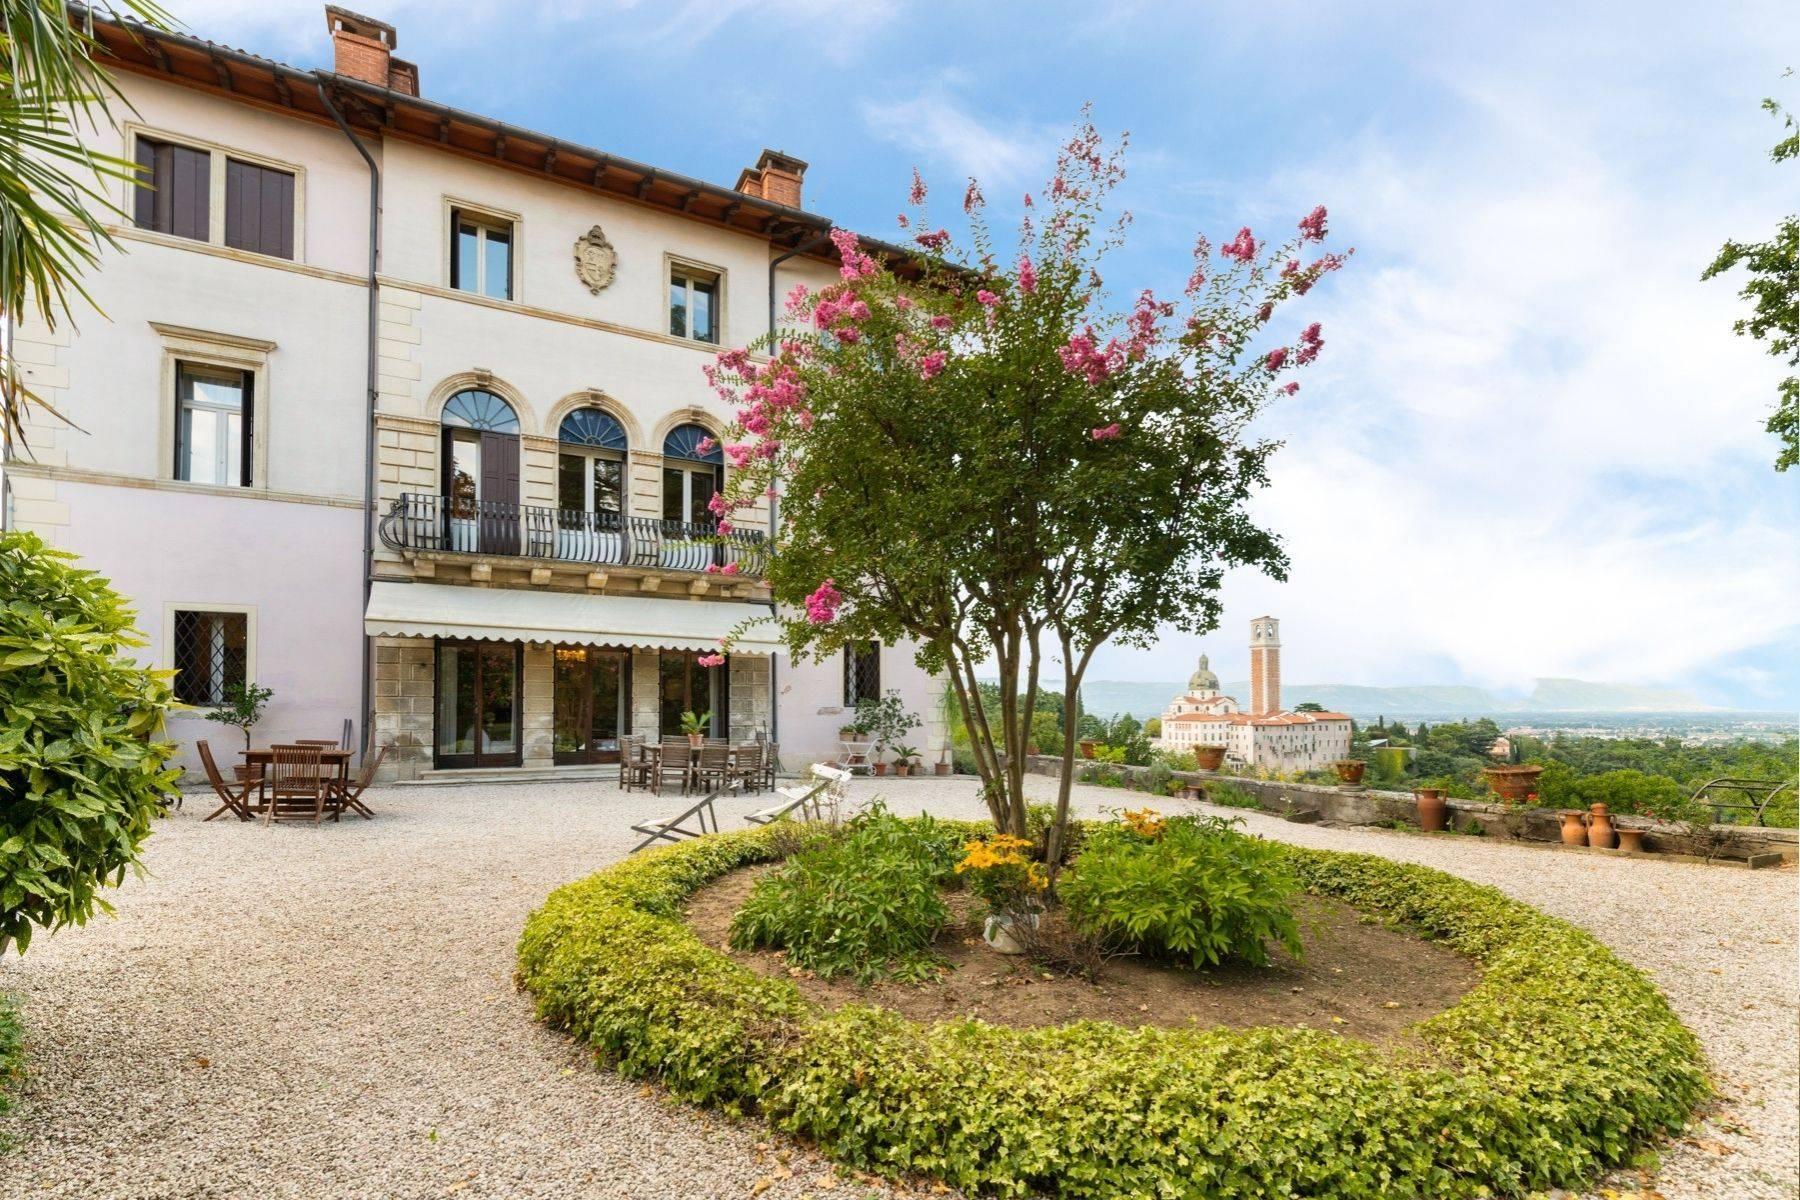 Elegante historische Villa mit privatem Park auf dem Monte Berico - 2